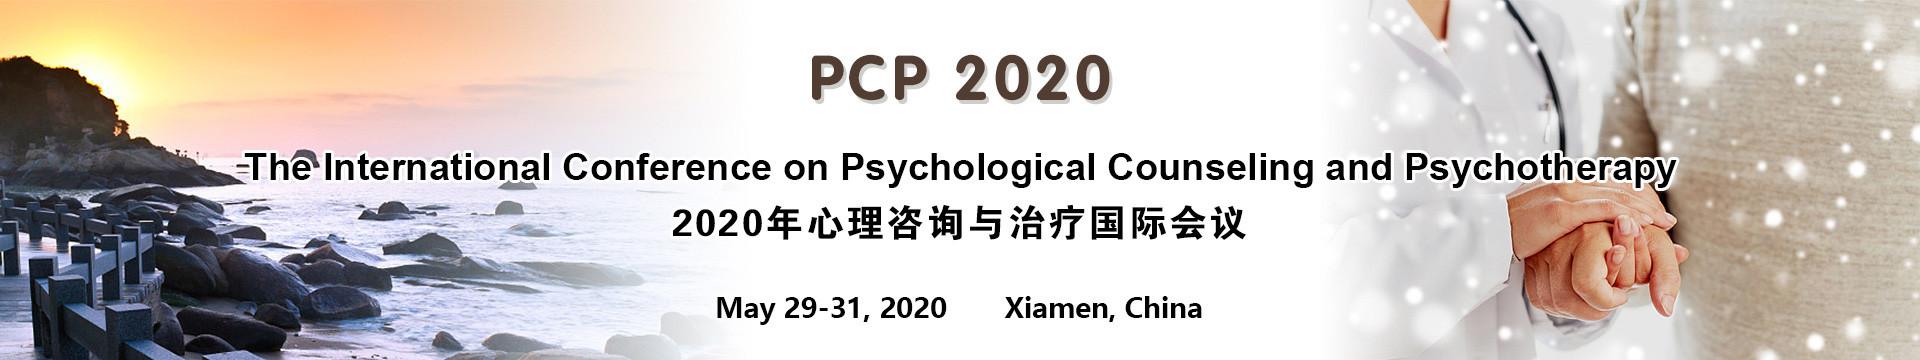 2020年心理咨询与治疗国际会议(PCP 2020)